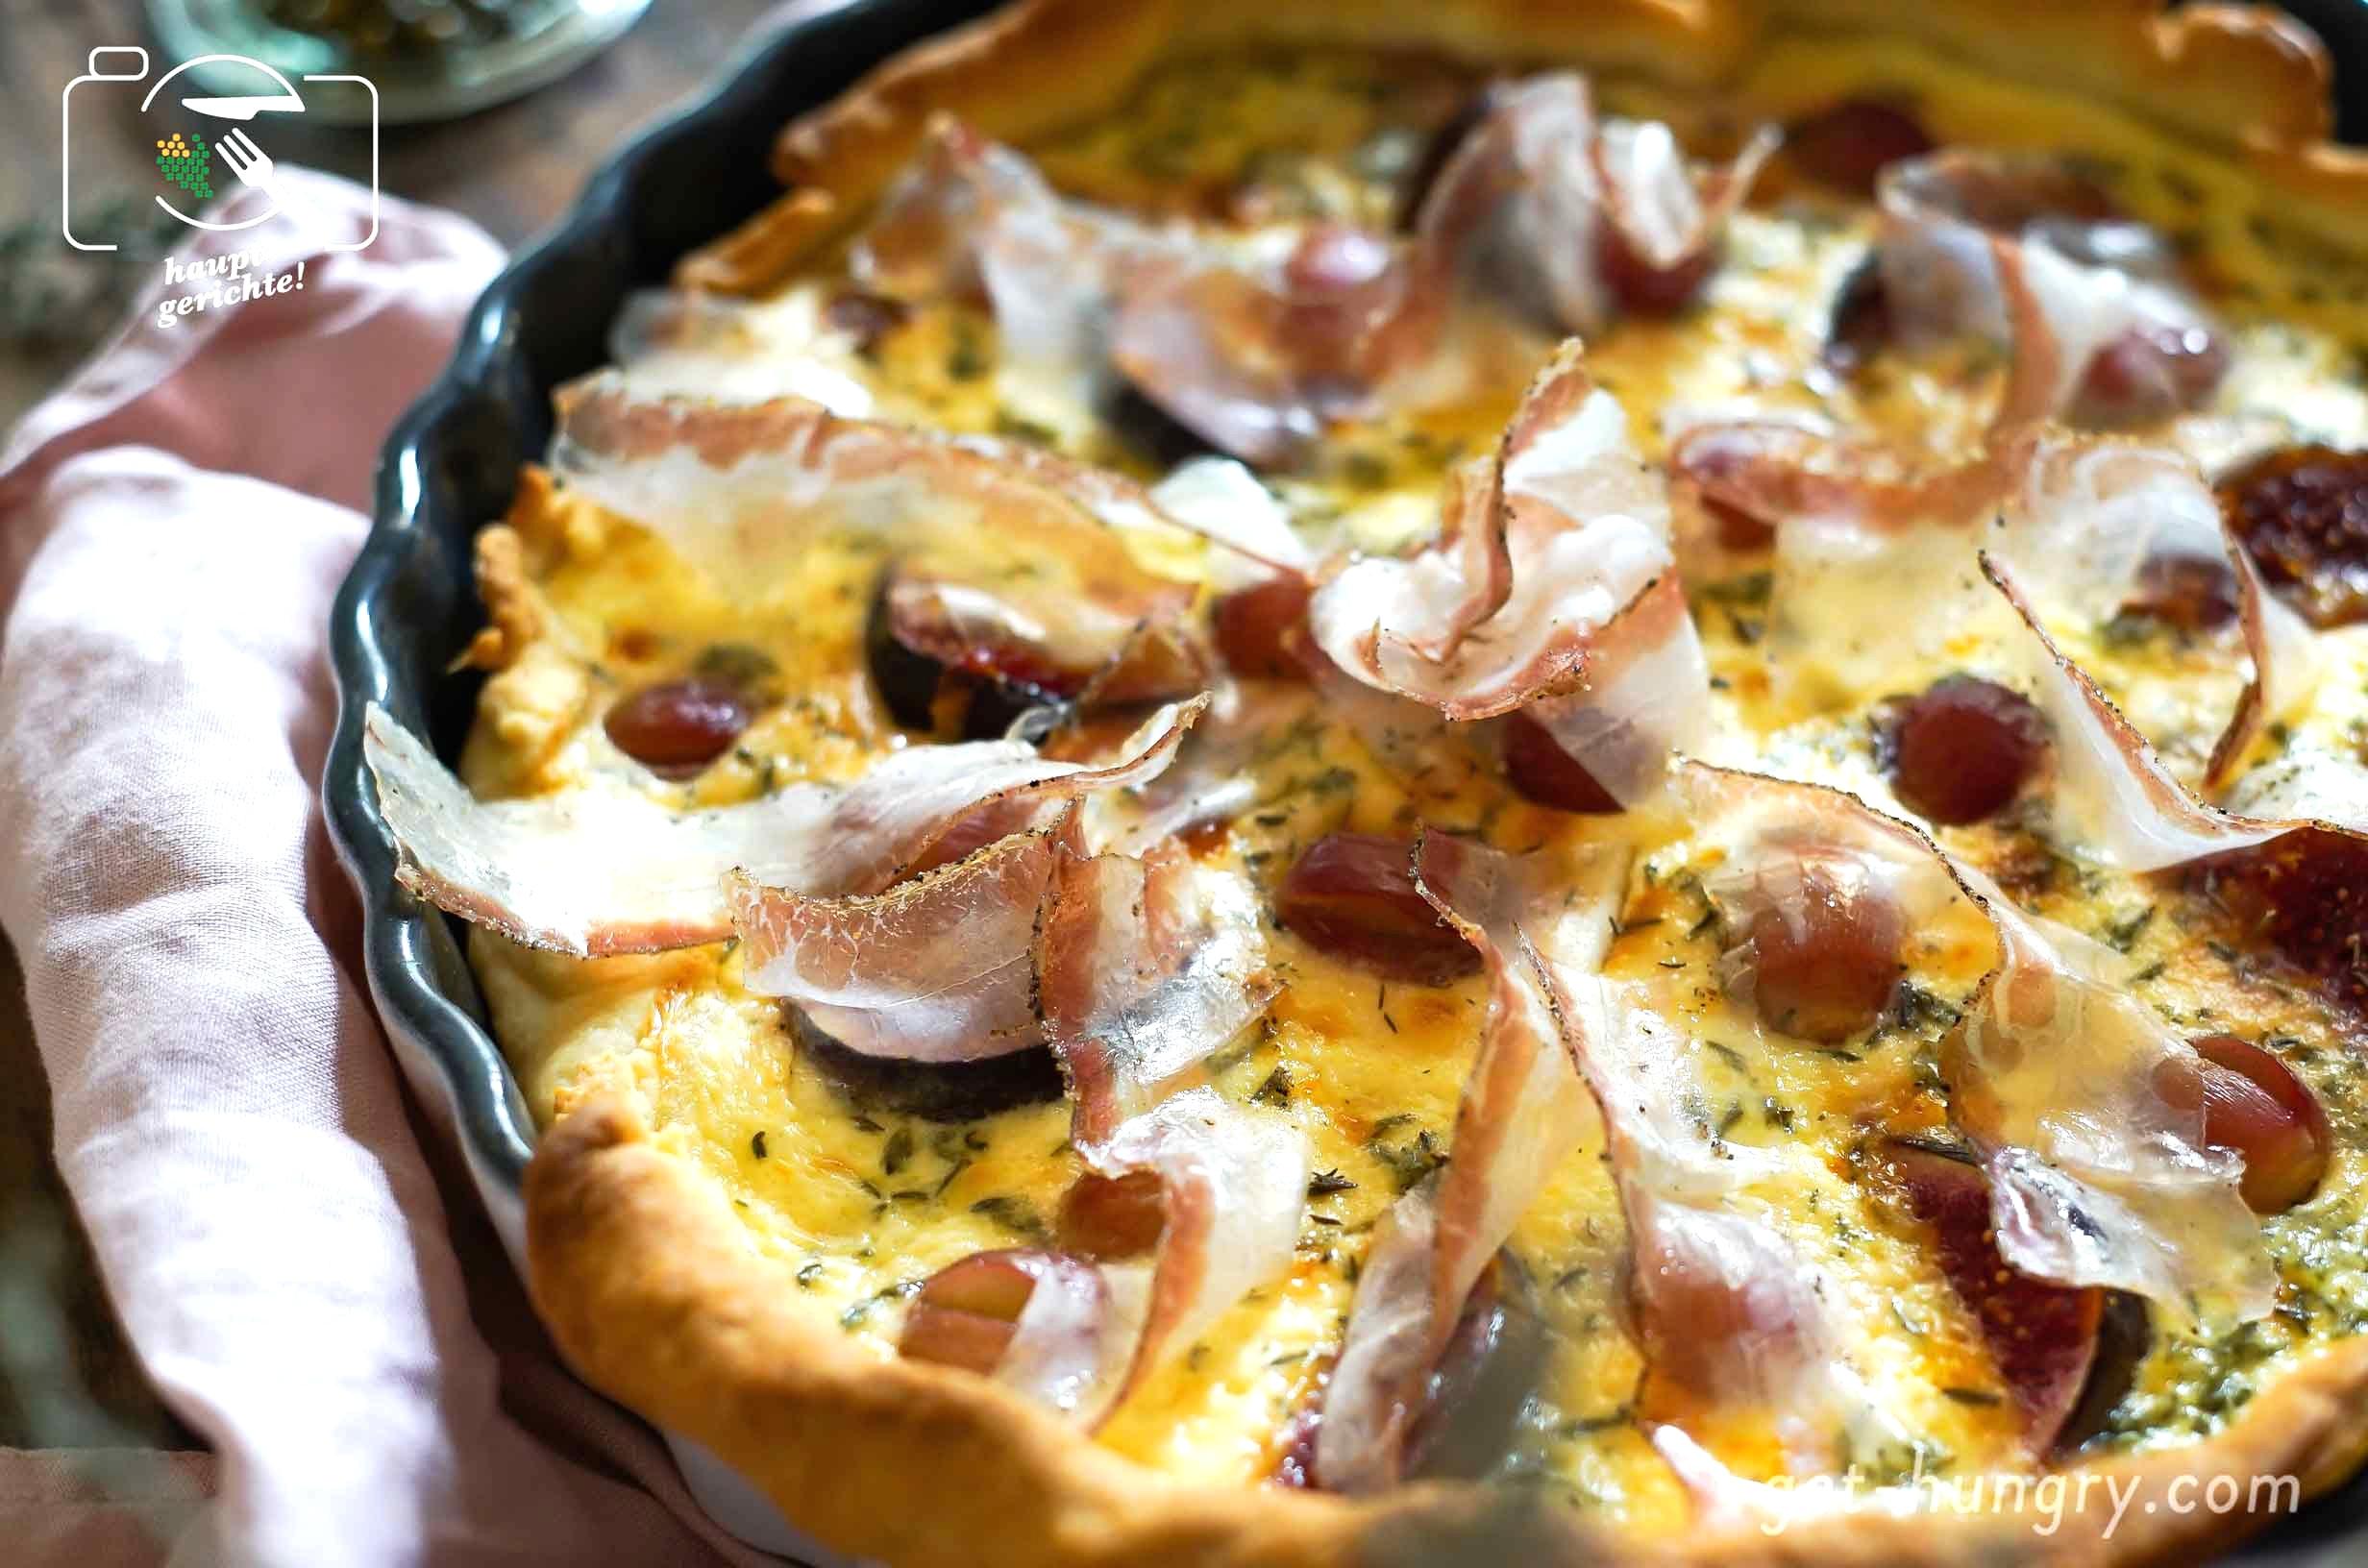 Trauben-Feigen-Tarte+mit+italienischem+Pancetta+und+Pfeffer-Mascarpone